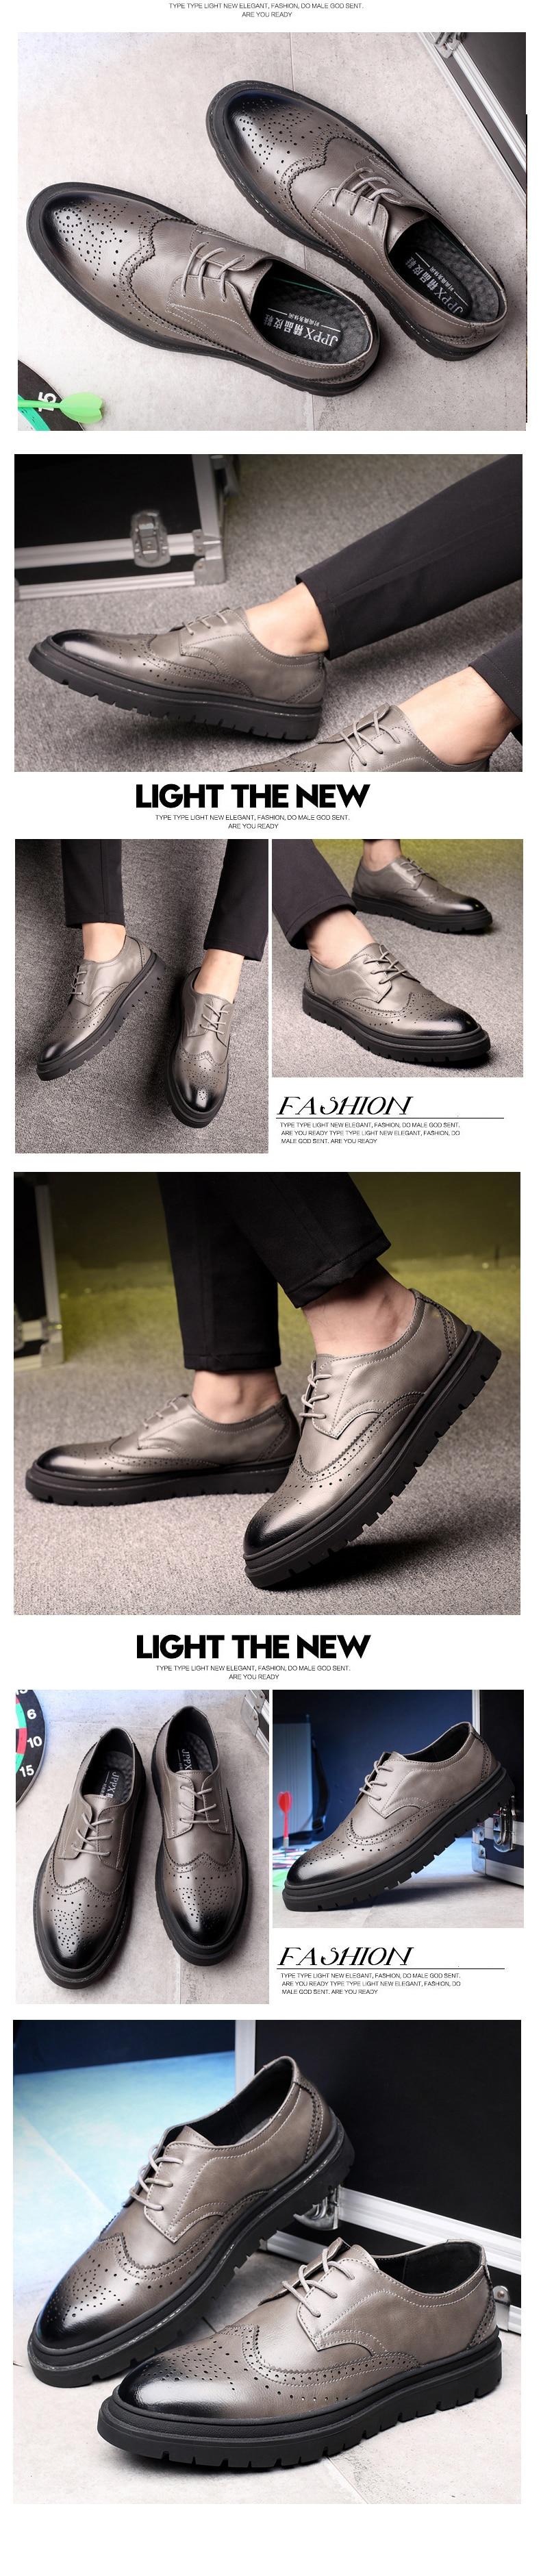 438dad45564b Men Casual Shoes Brand Men Shoes Men Sneakers Split Leather Winter Men  Flats Lace up Plush Hight Quality Plus Big Size Sawol